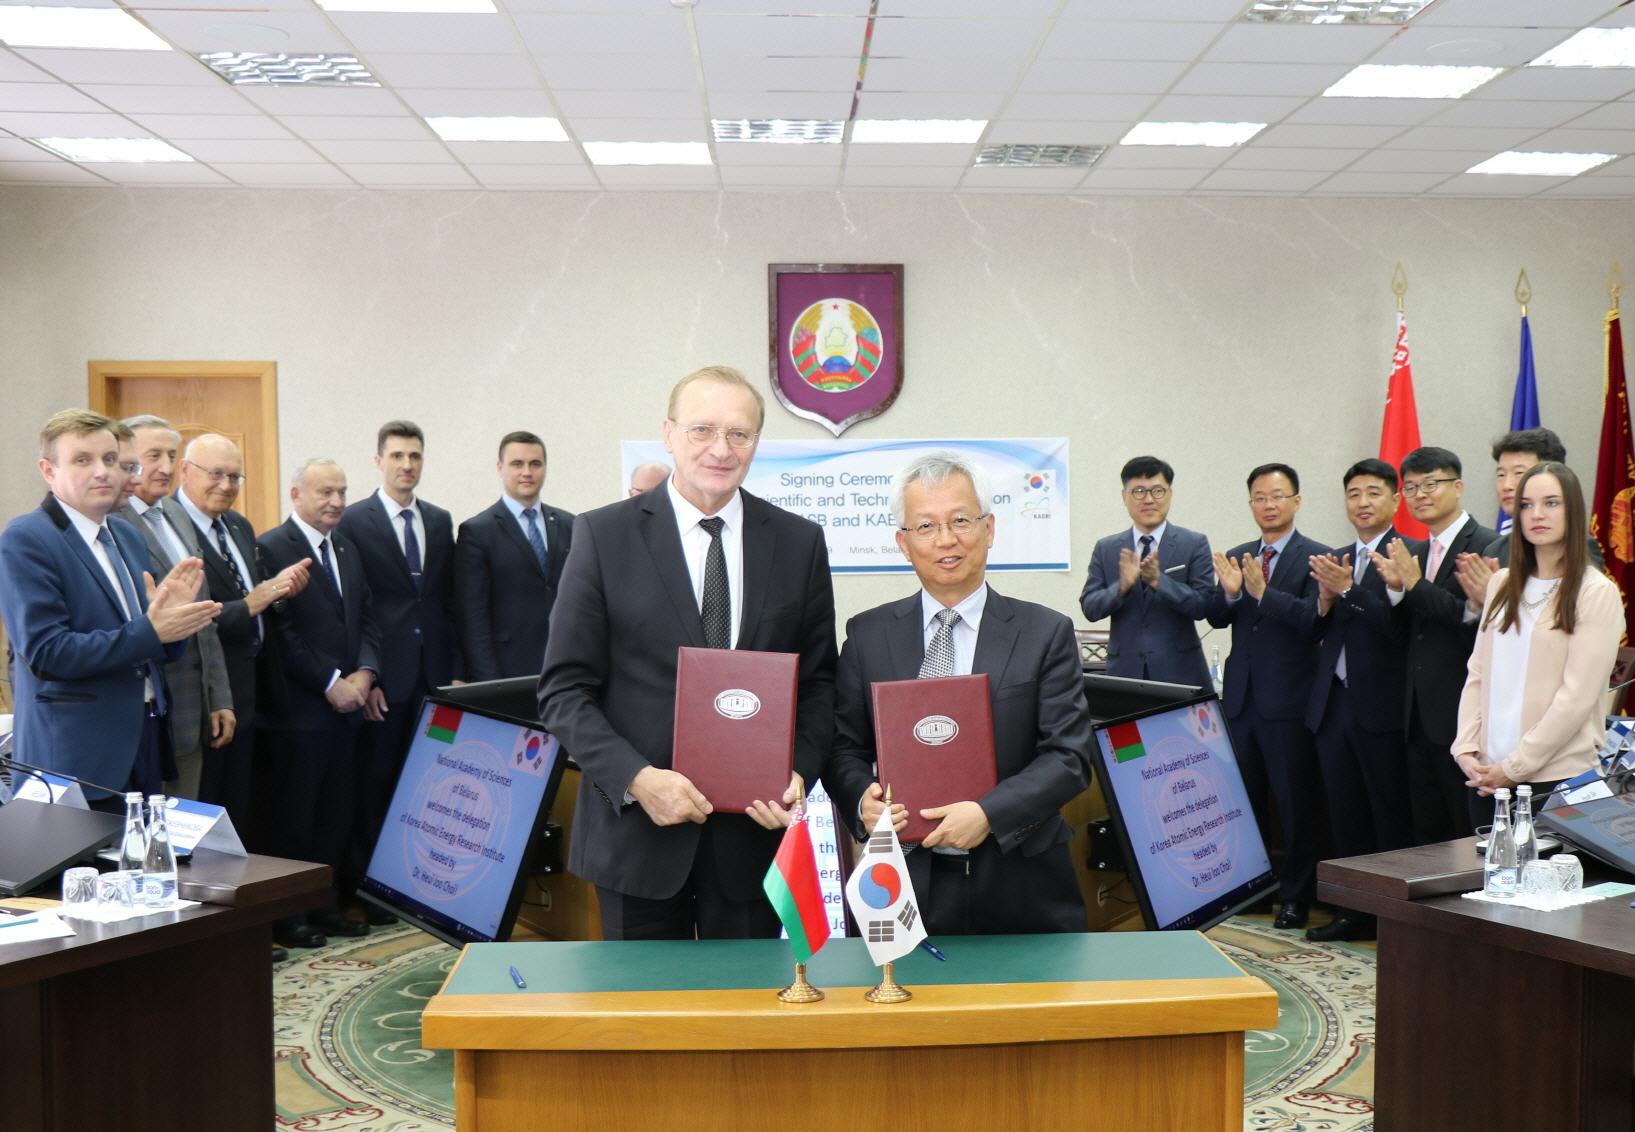 상호협력을 위한 양해각서(MOU) 체결